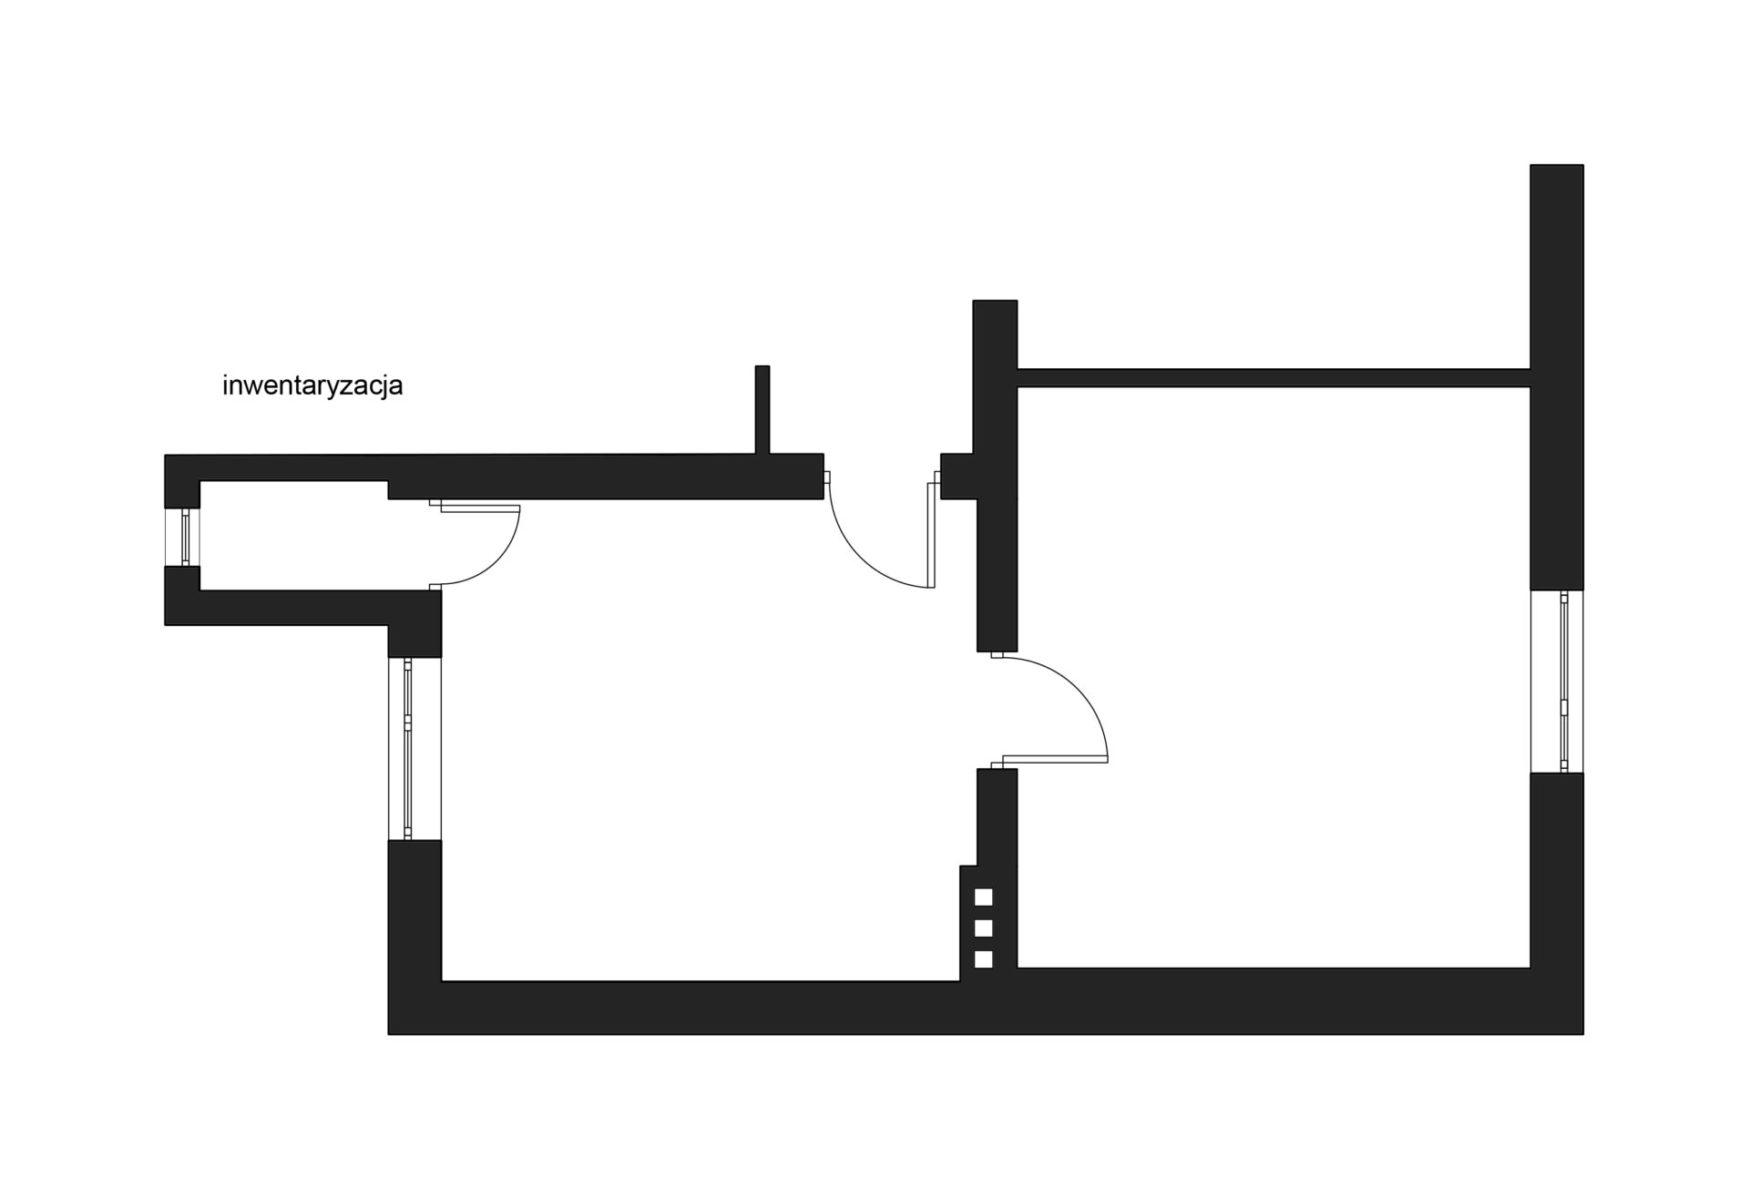 inwentaryzacja mieszkania